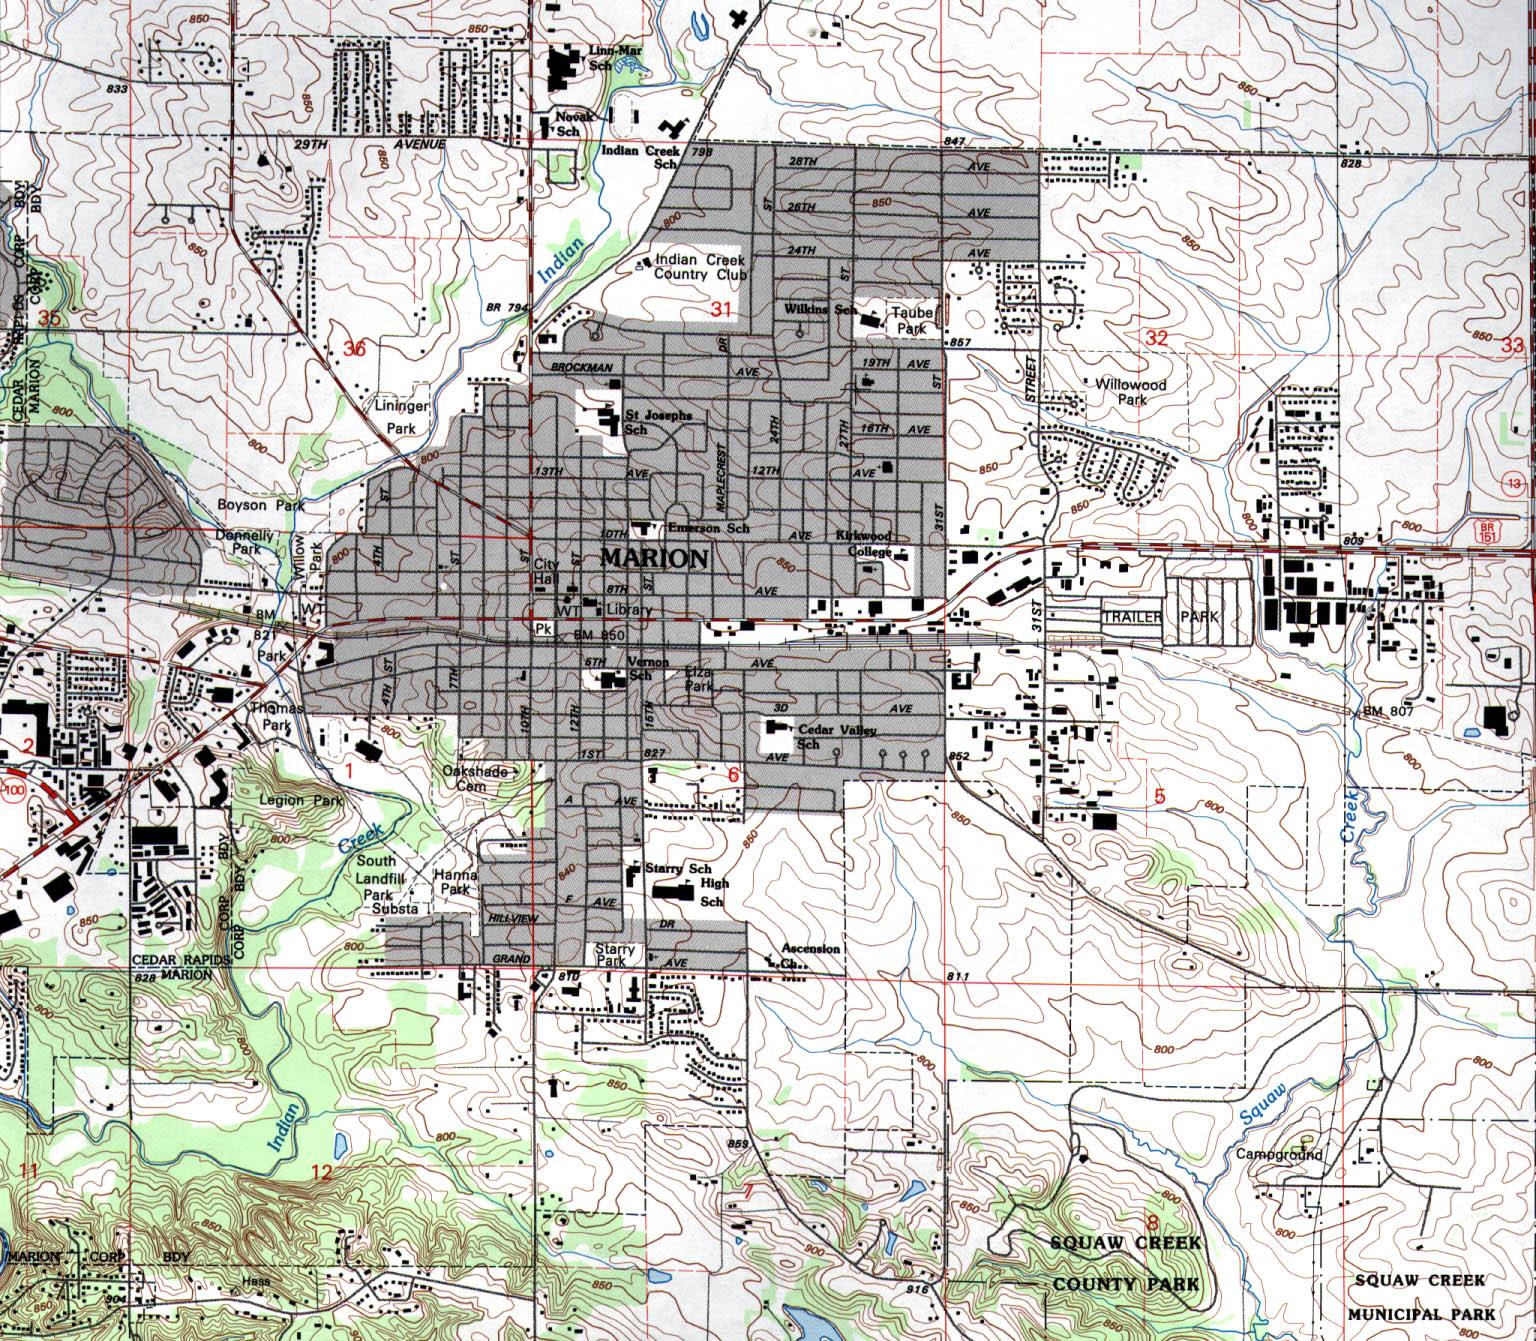 Mapa Topográfico de la Ciudad de Marion, Iowa, Estados Unidos